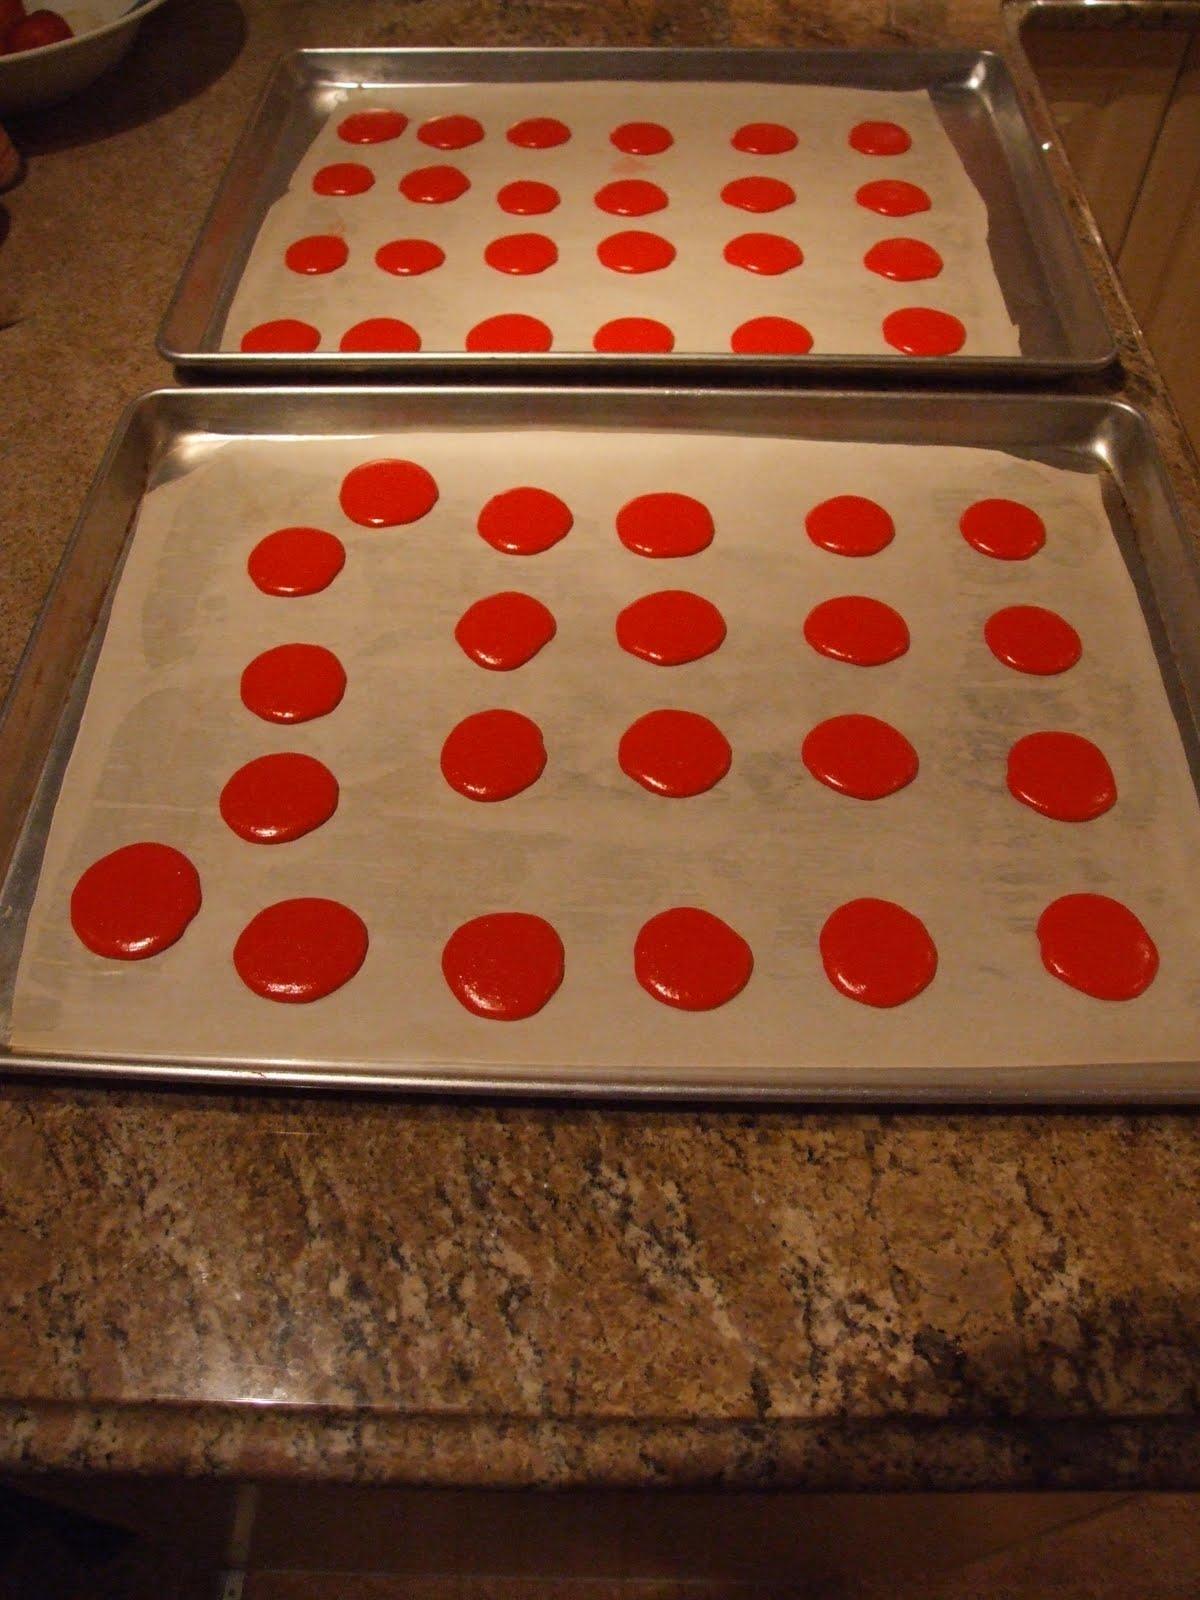 Cuisinez comme un chef macarons for Cuisinez comme un chef